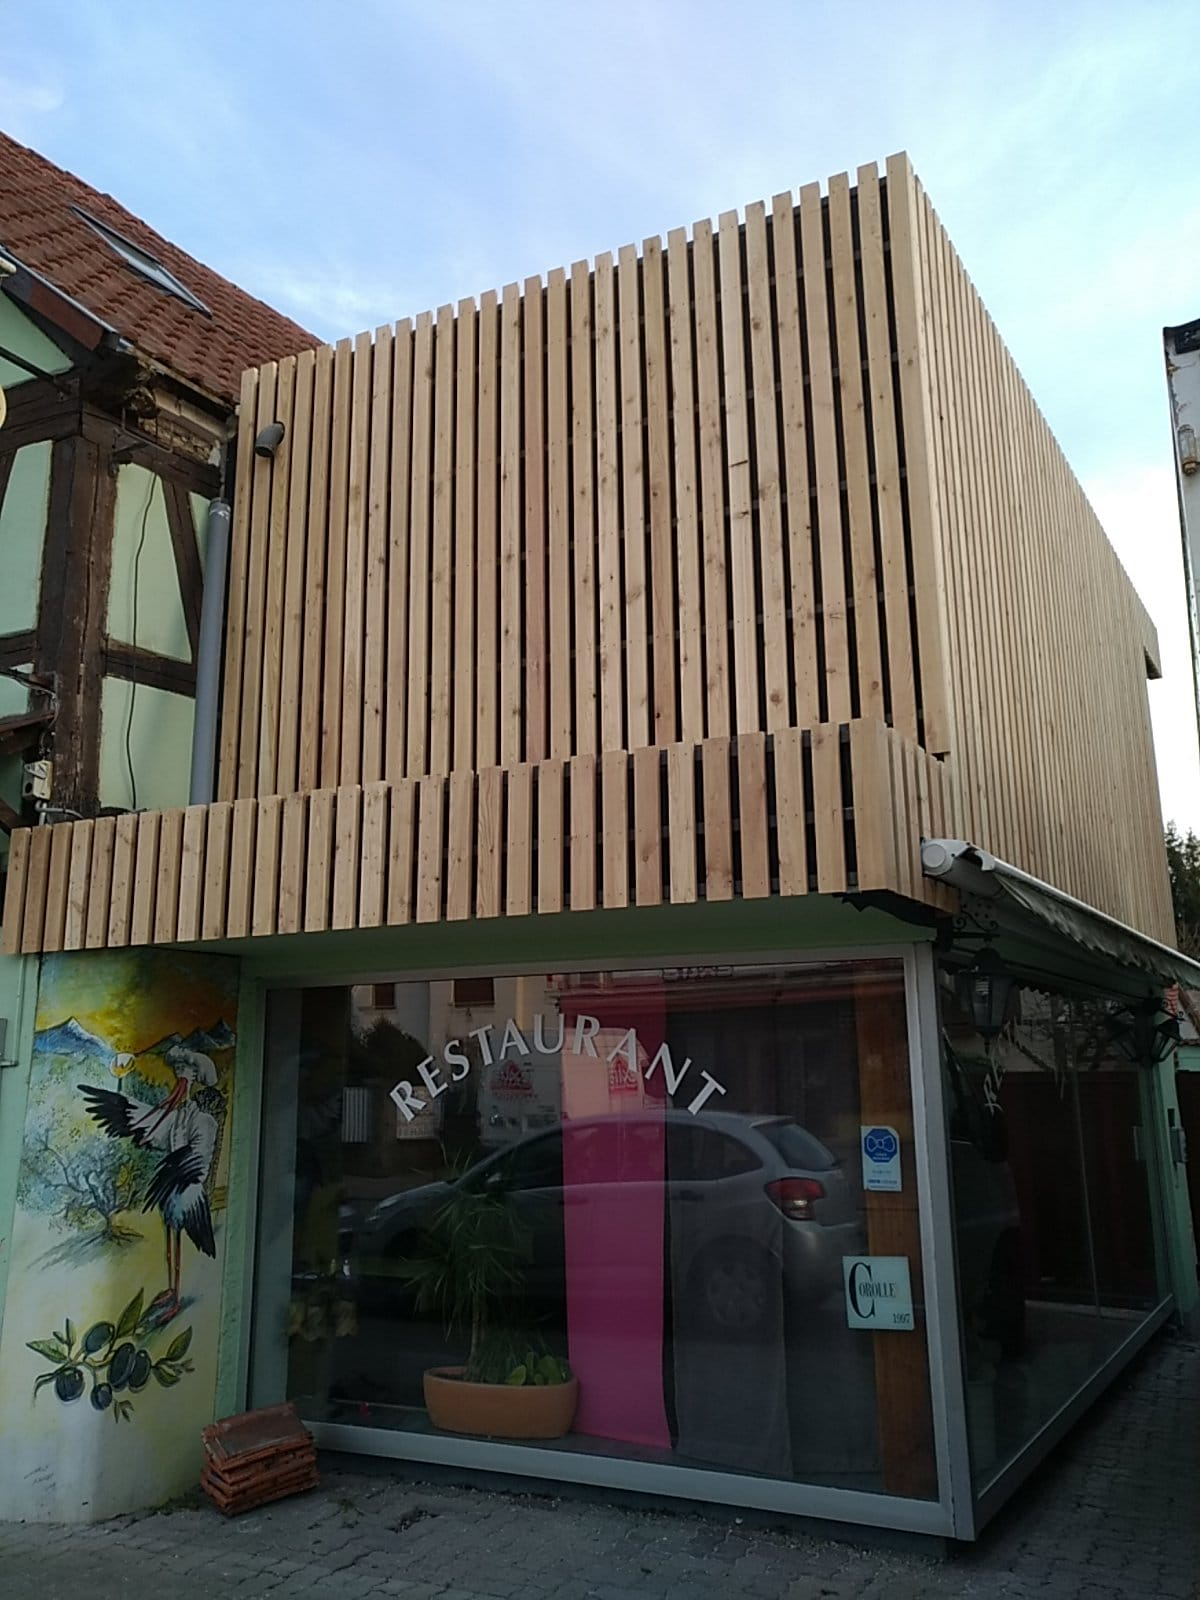 Bardage vertical à claire-voie en Mélèze sur un restaurant à Illkirch